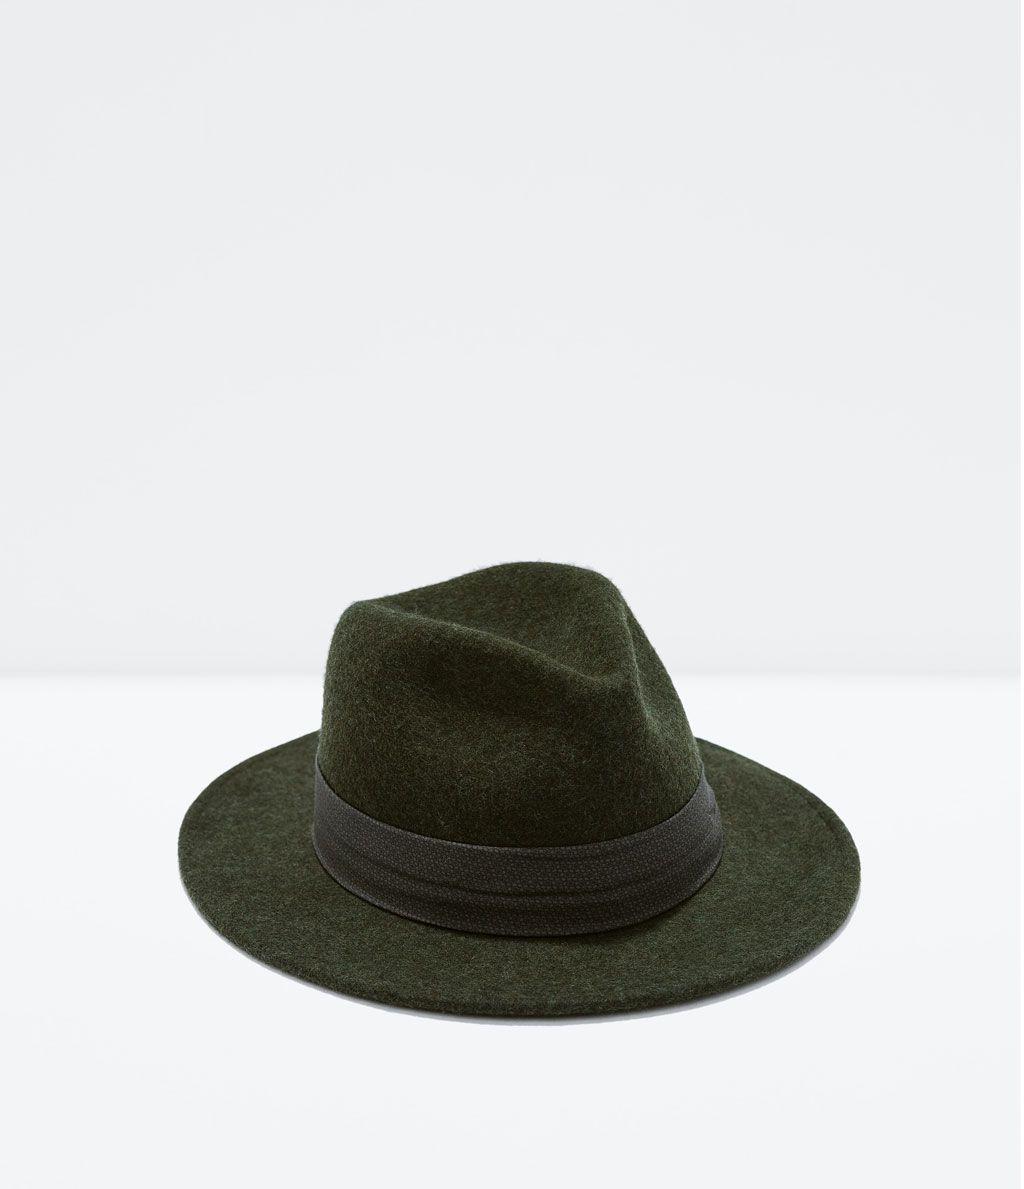 Klassiker Filzhut Mit Breiter Krempe Von Zara Wide Brim Felt Hat Mens Fashion Casual Mens Accessories